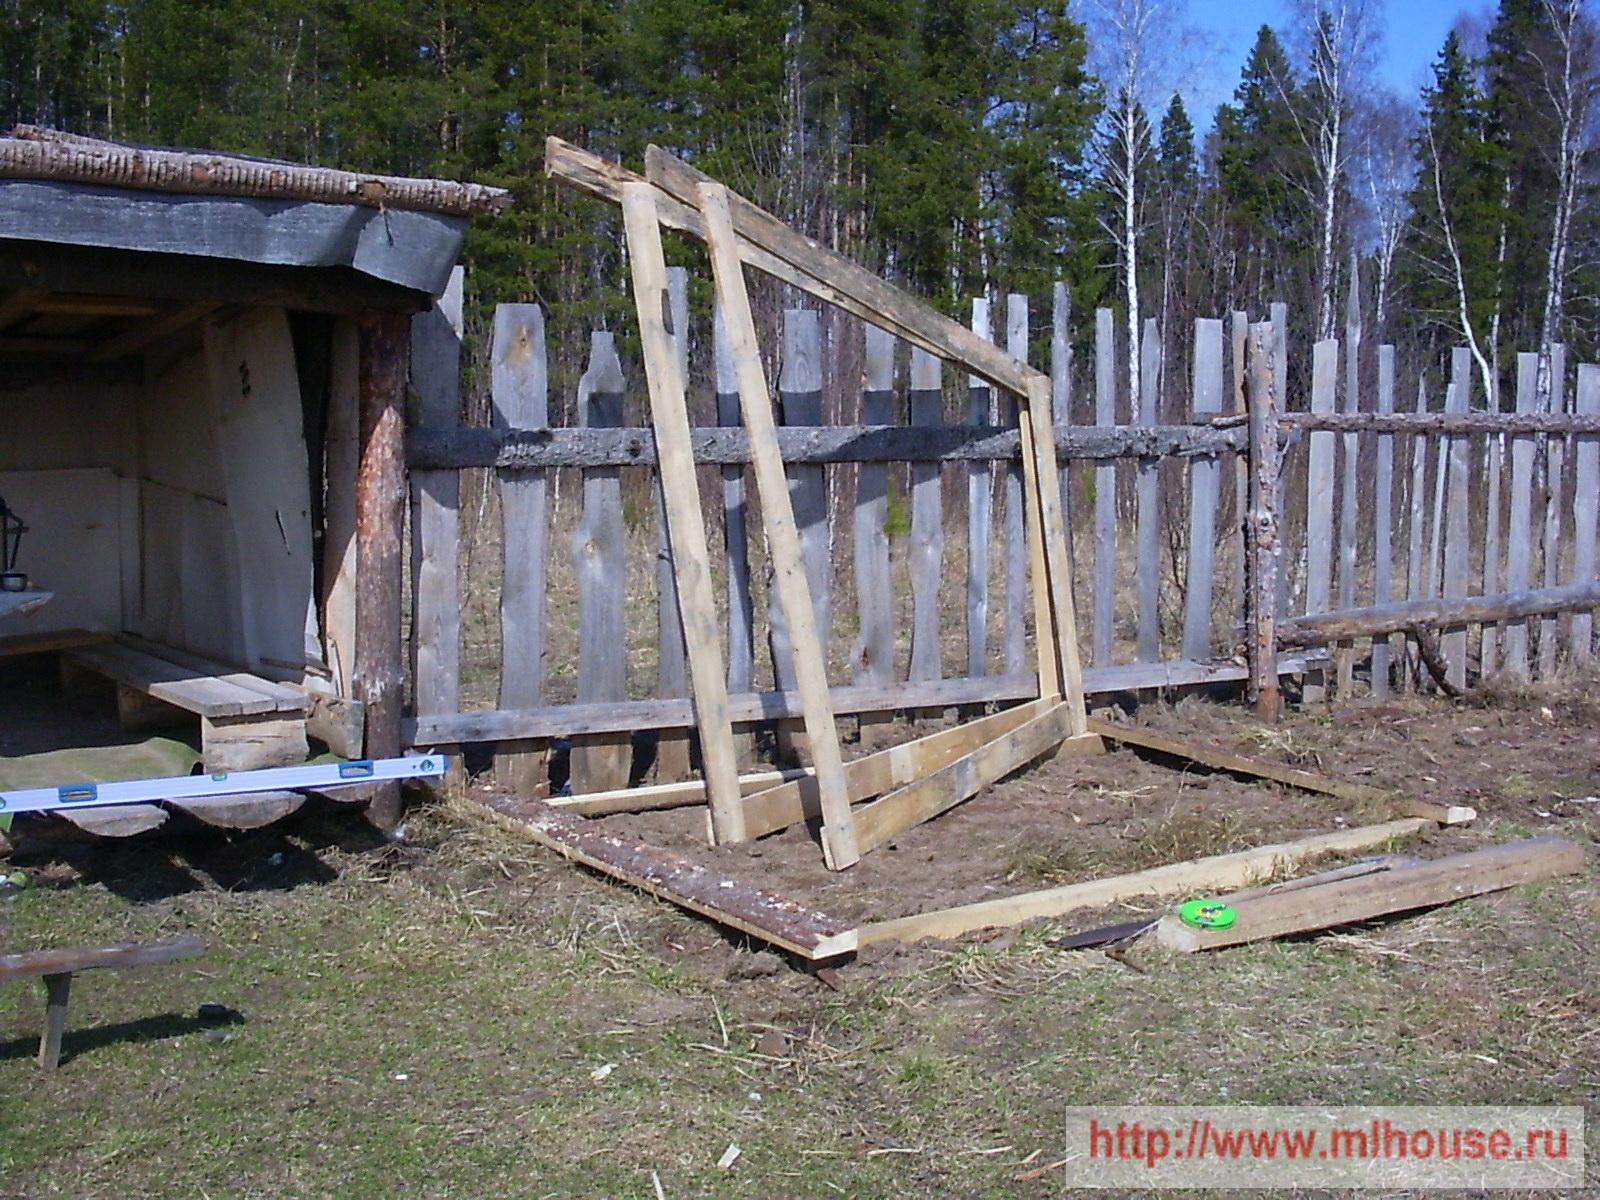 Сарай своими руками: каркасный, деревянный, пошагово, фото, видео 27